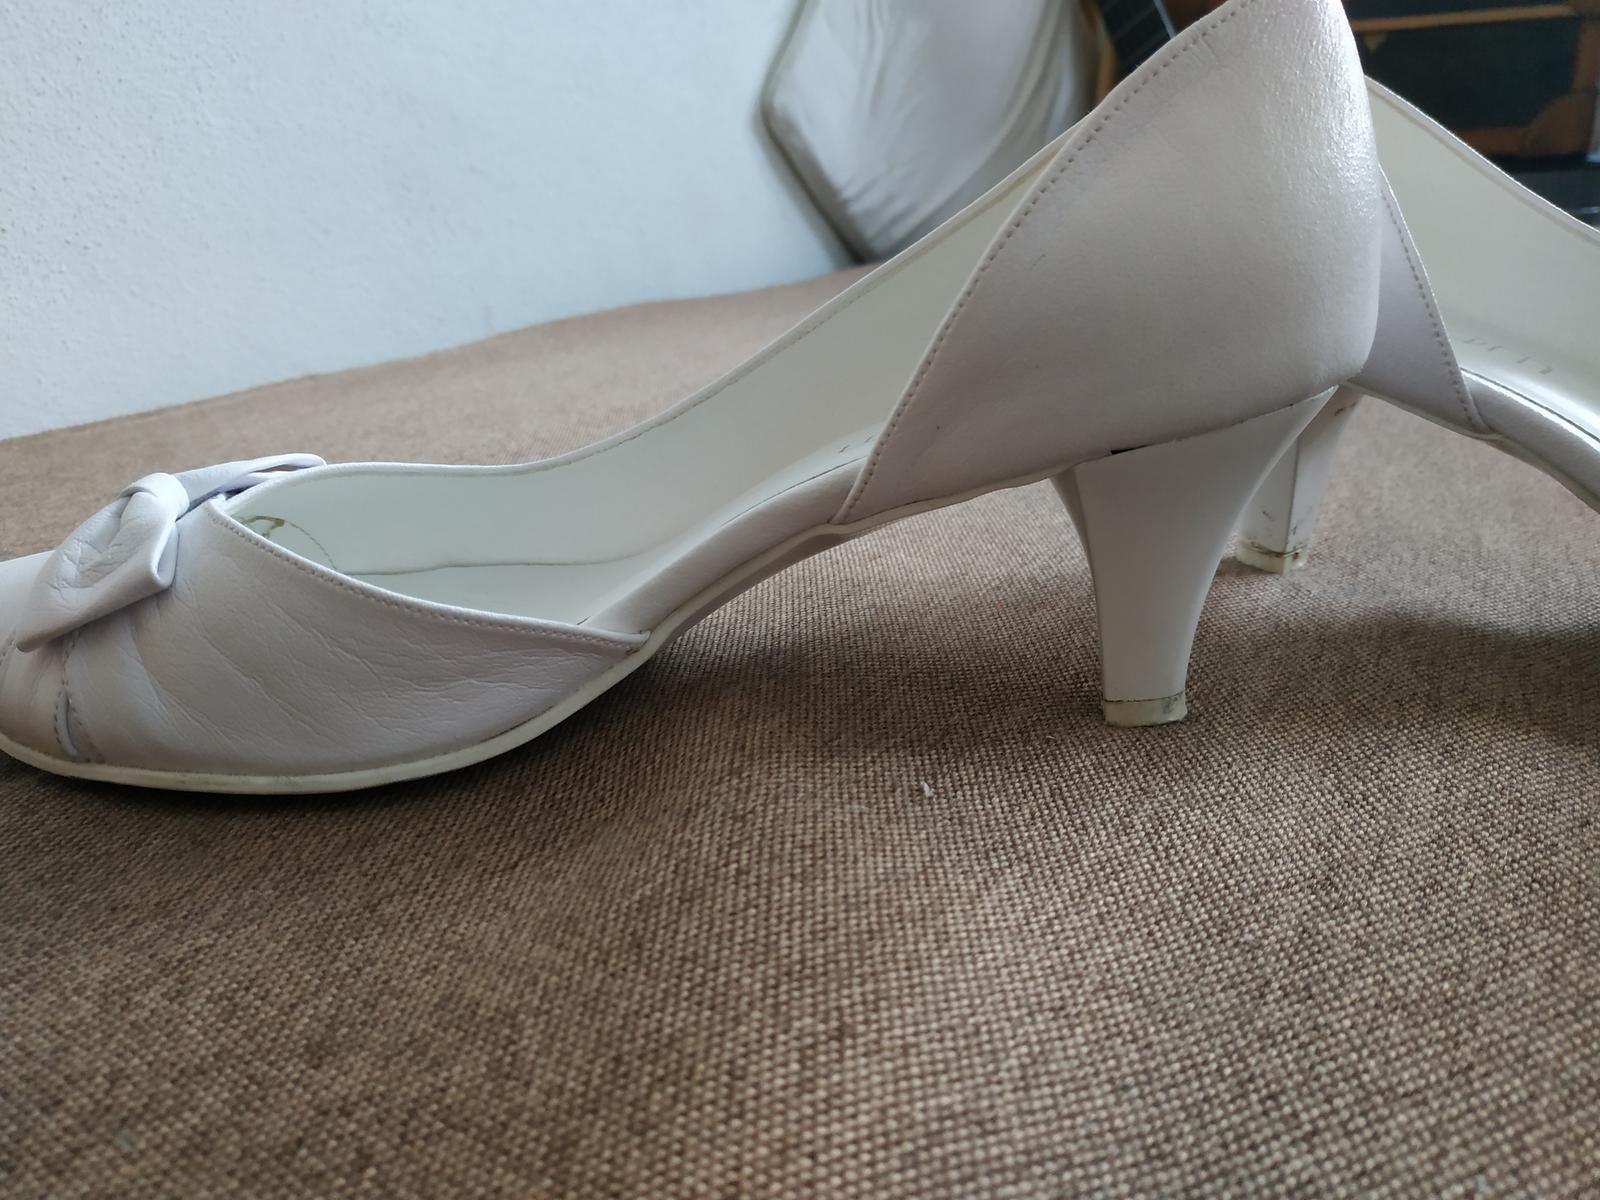 Svadobné biele topanky - Obrázok č. 3